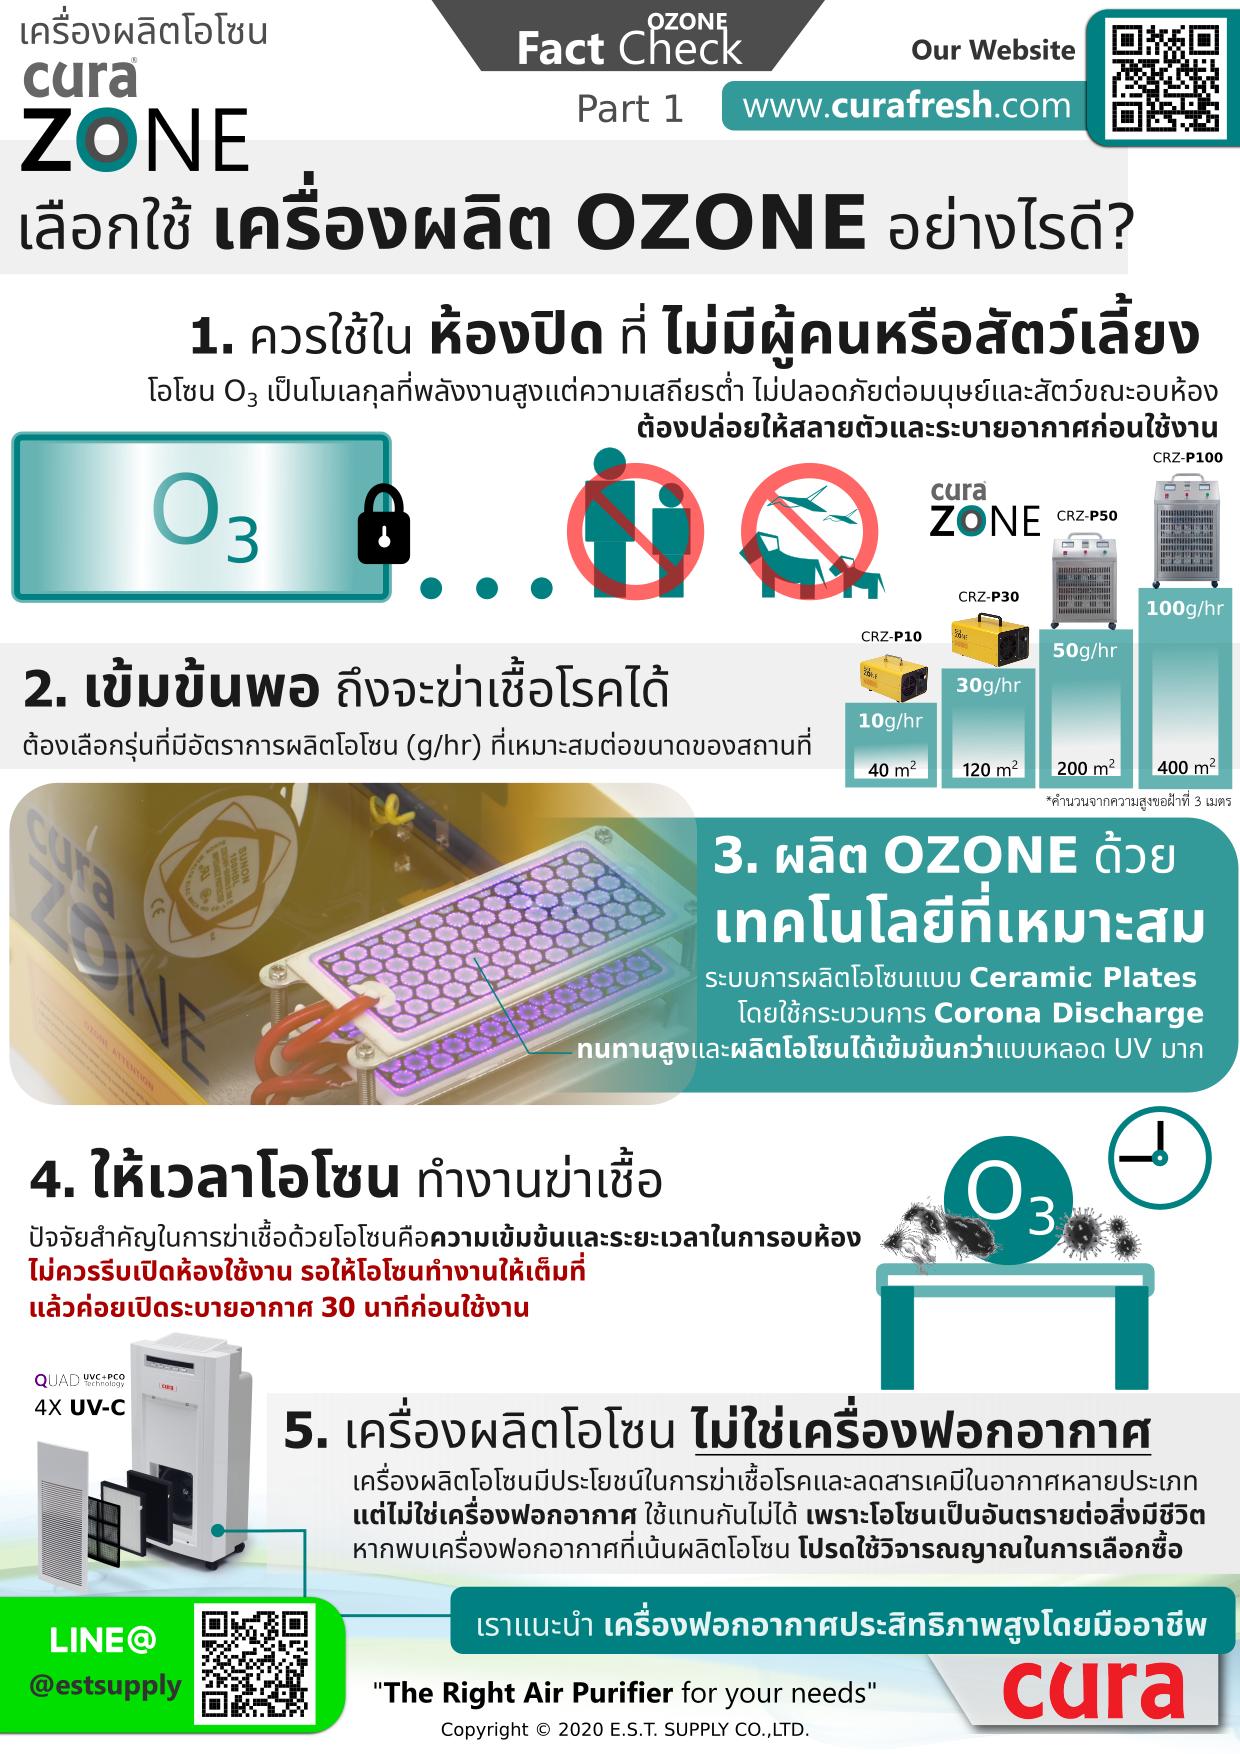 เครื่องผลิต Ozone ยี่ห้อ CURA zone รุ่น CRZ-P10 เป็นเครื่องผลิตโอโซนสำหรับพกพา มีประสิทธิภาพในการกำจัดเชื้อจุลินทรีย์ เชื้อโรค แบคทีเรีย ไวรัส เชื้อราช่วยแก้ปัญหากลิ่นเหม็นอับ ช่วยกำจัดสารเคมีตกค้าง และช่วยป้องกันยับยั้งการระบาดของเชื้อโรค